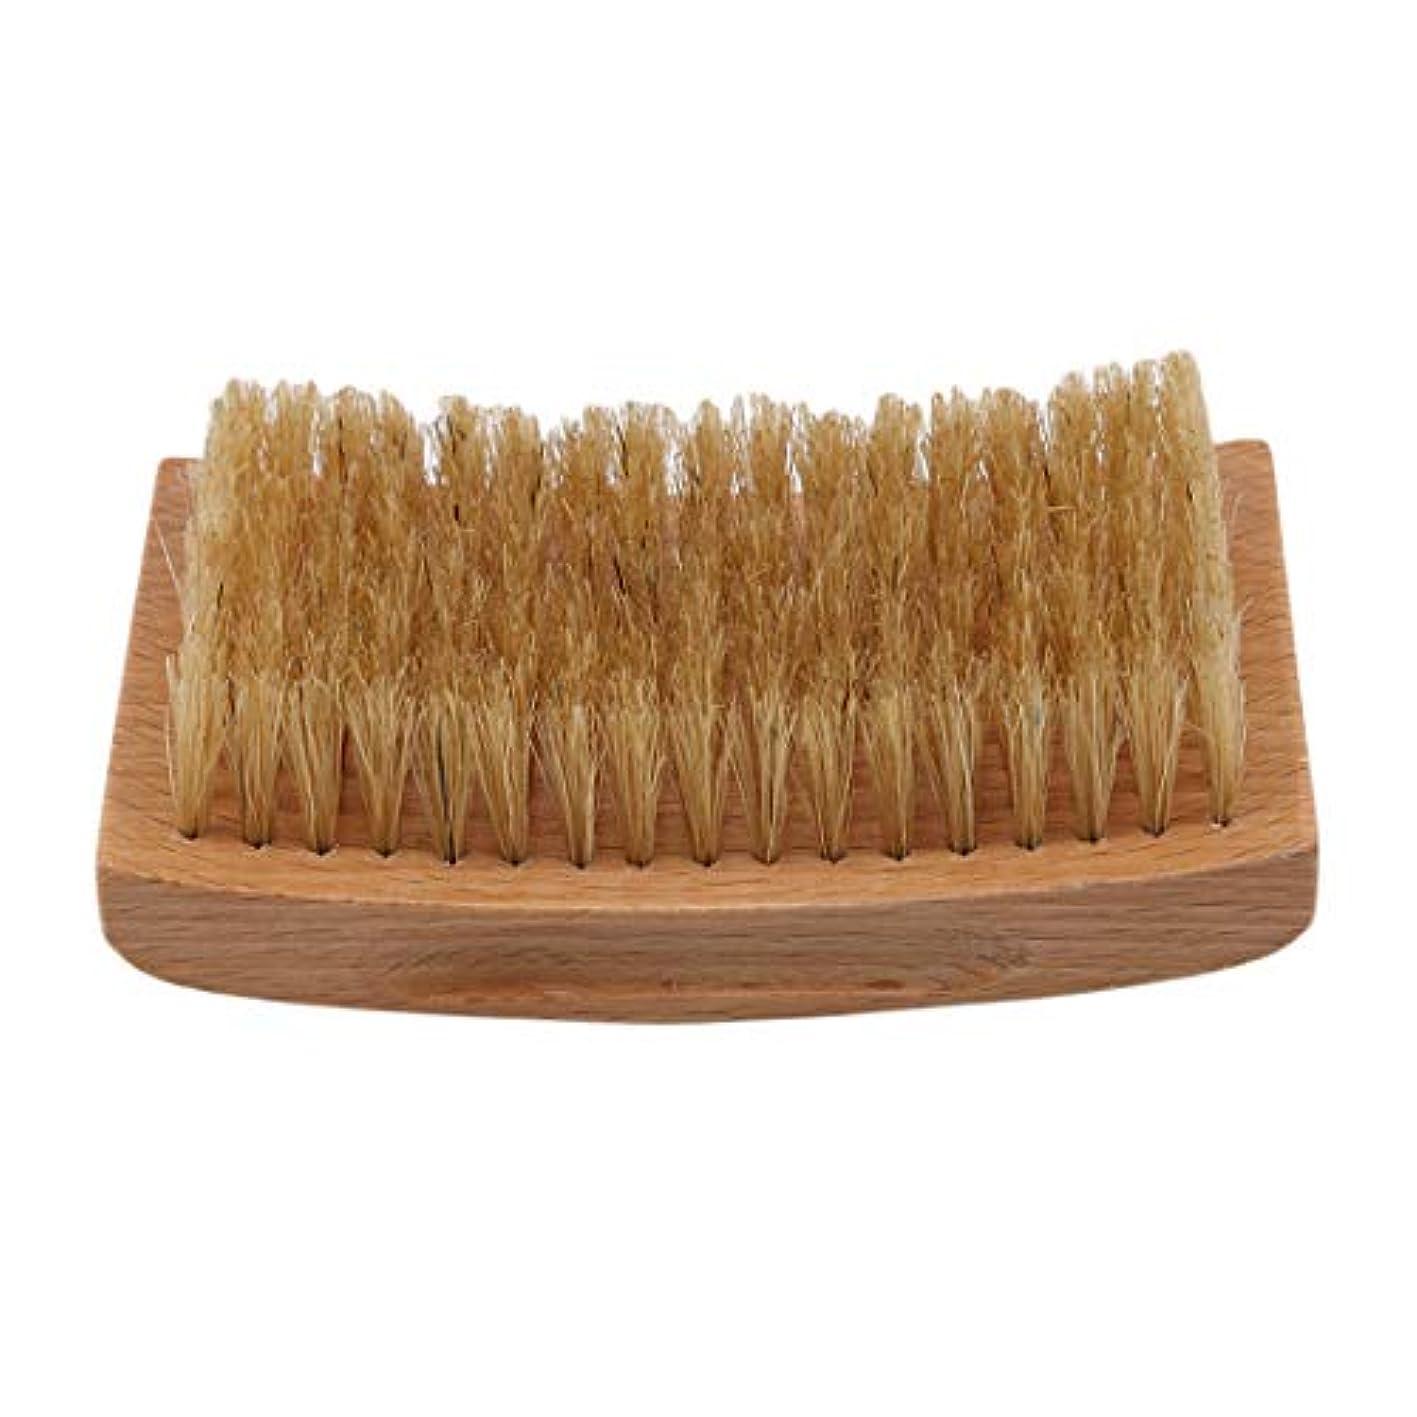 感嘆ネックレット料理をするKLUMA ひげブラシ シェービングブラシ 理容 洗顔 髭剃り 泡立ち 洗顔ブラシ 1#